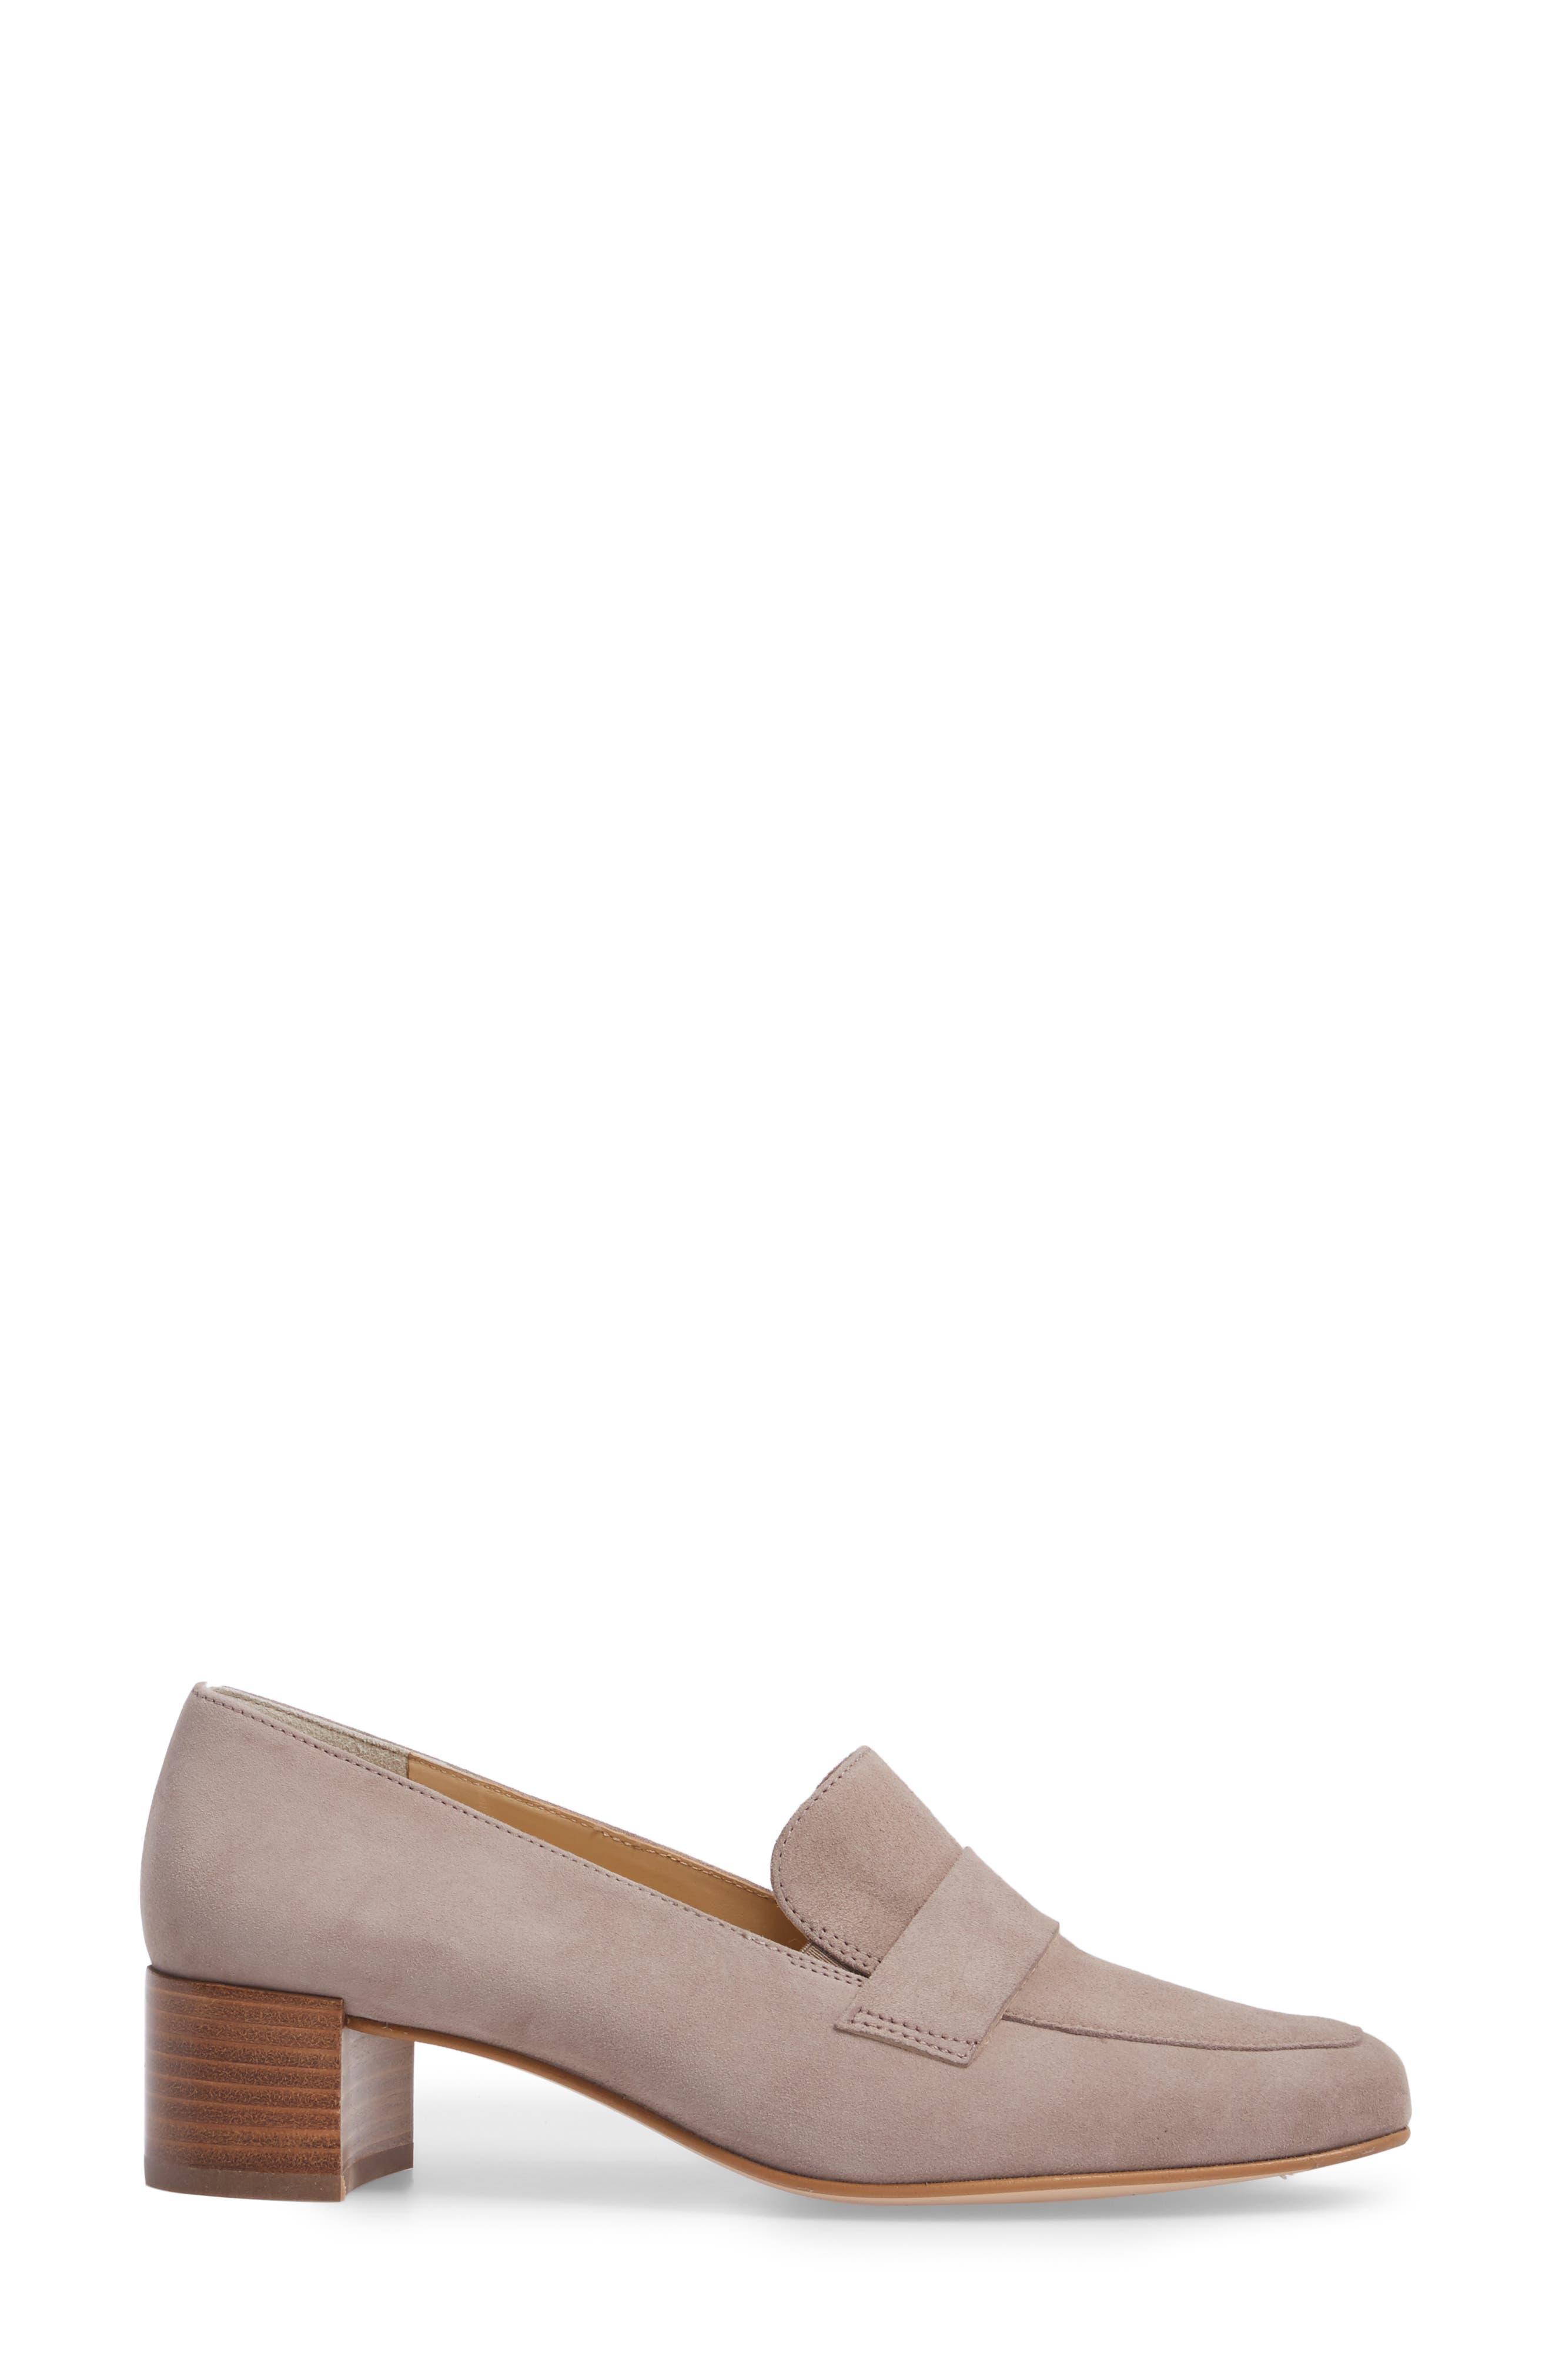 Alternate Image 3  - Paul Green Oscar Block Heel Loafer (Women)